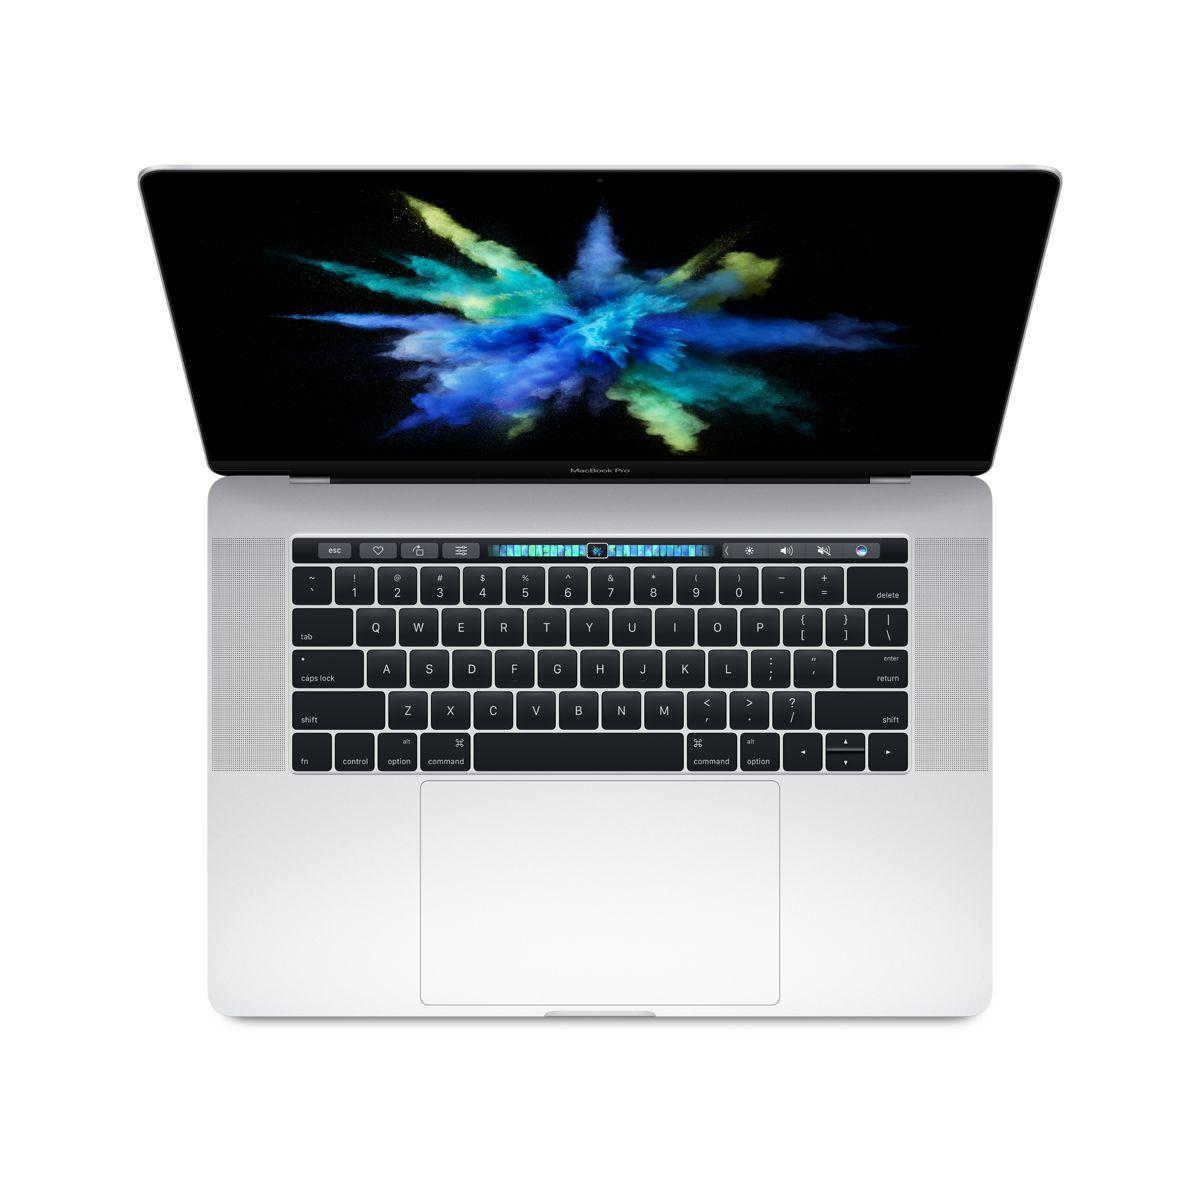 Ordinateur apple macbook pro new 15p touch bar i7 256go argent (photo)